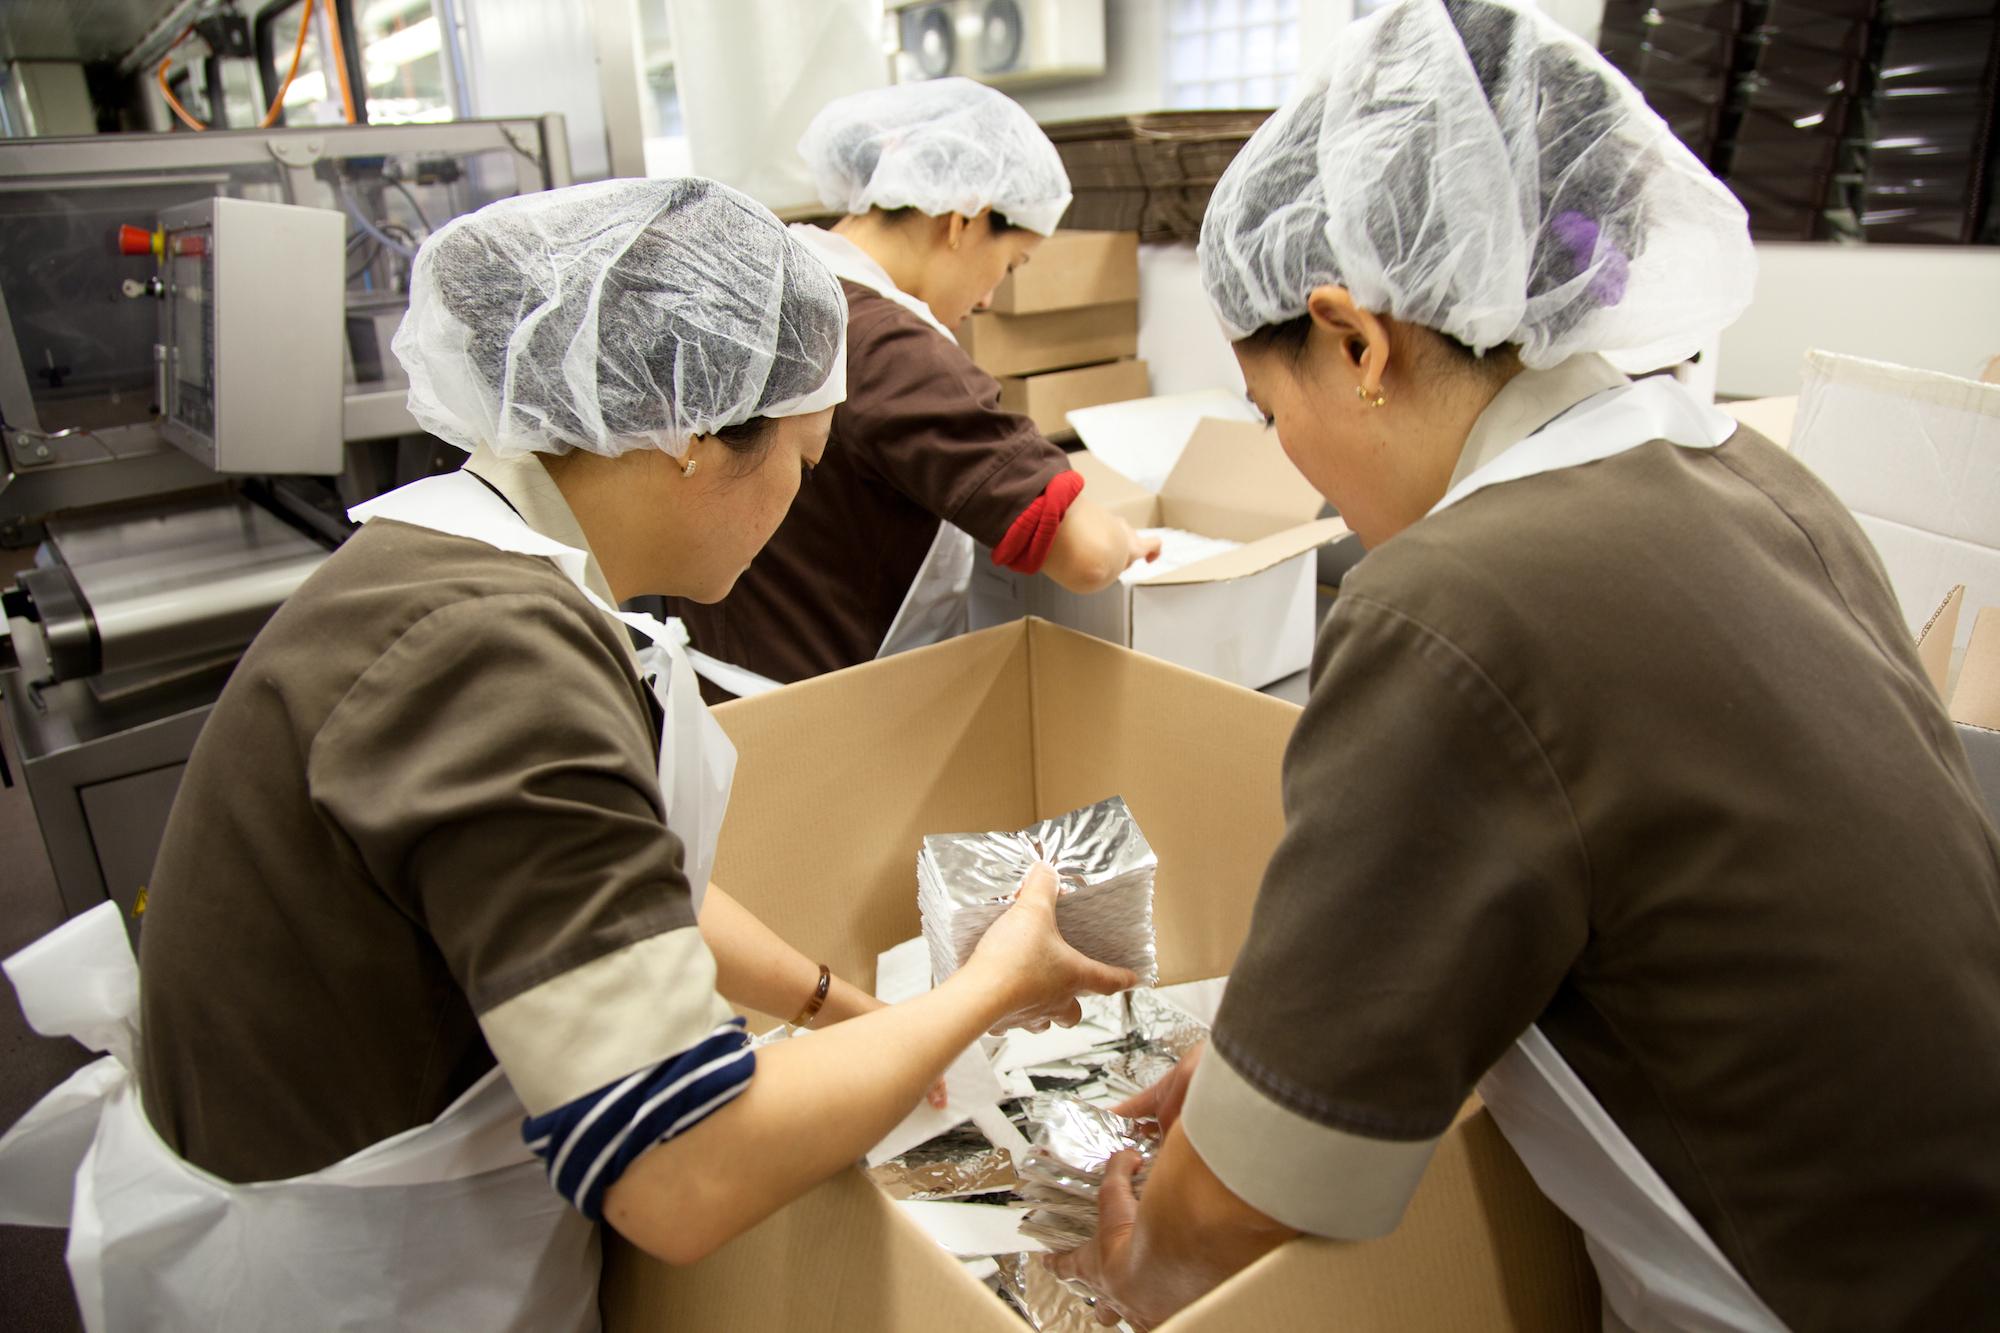 Les chocolats de Jean-Paul Hévin partent au Japon pour la Saint Valentin, l'équivalent nippon de nos fêtes de fin d'année. © T.Caron